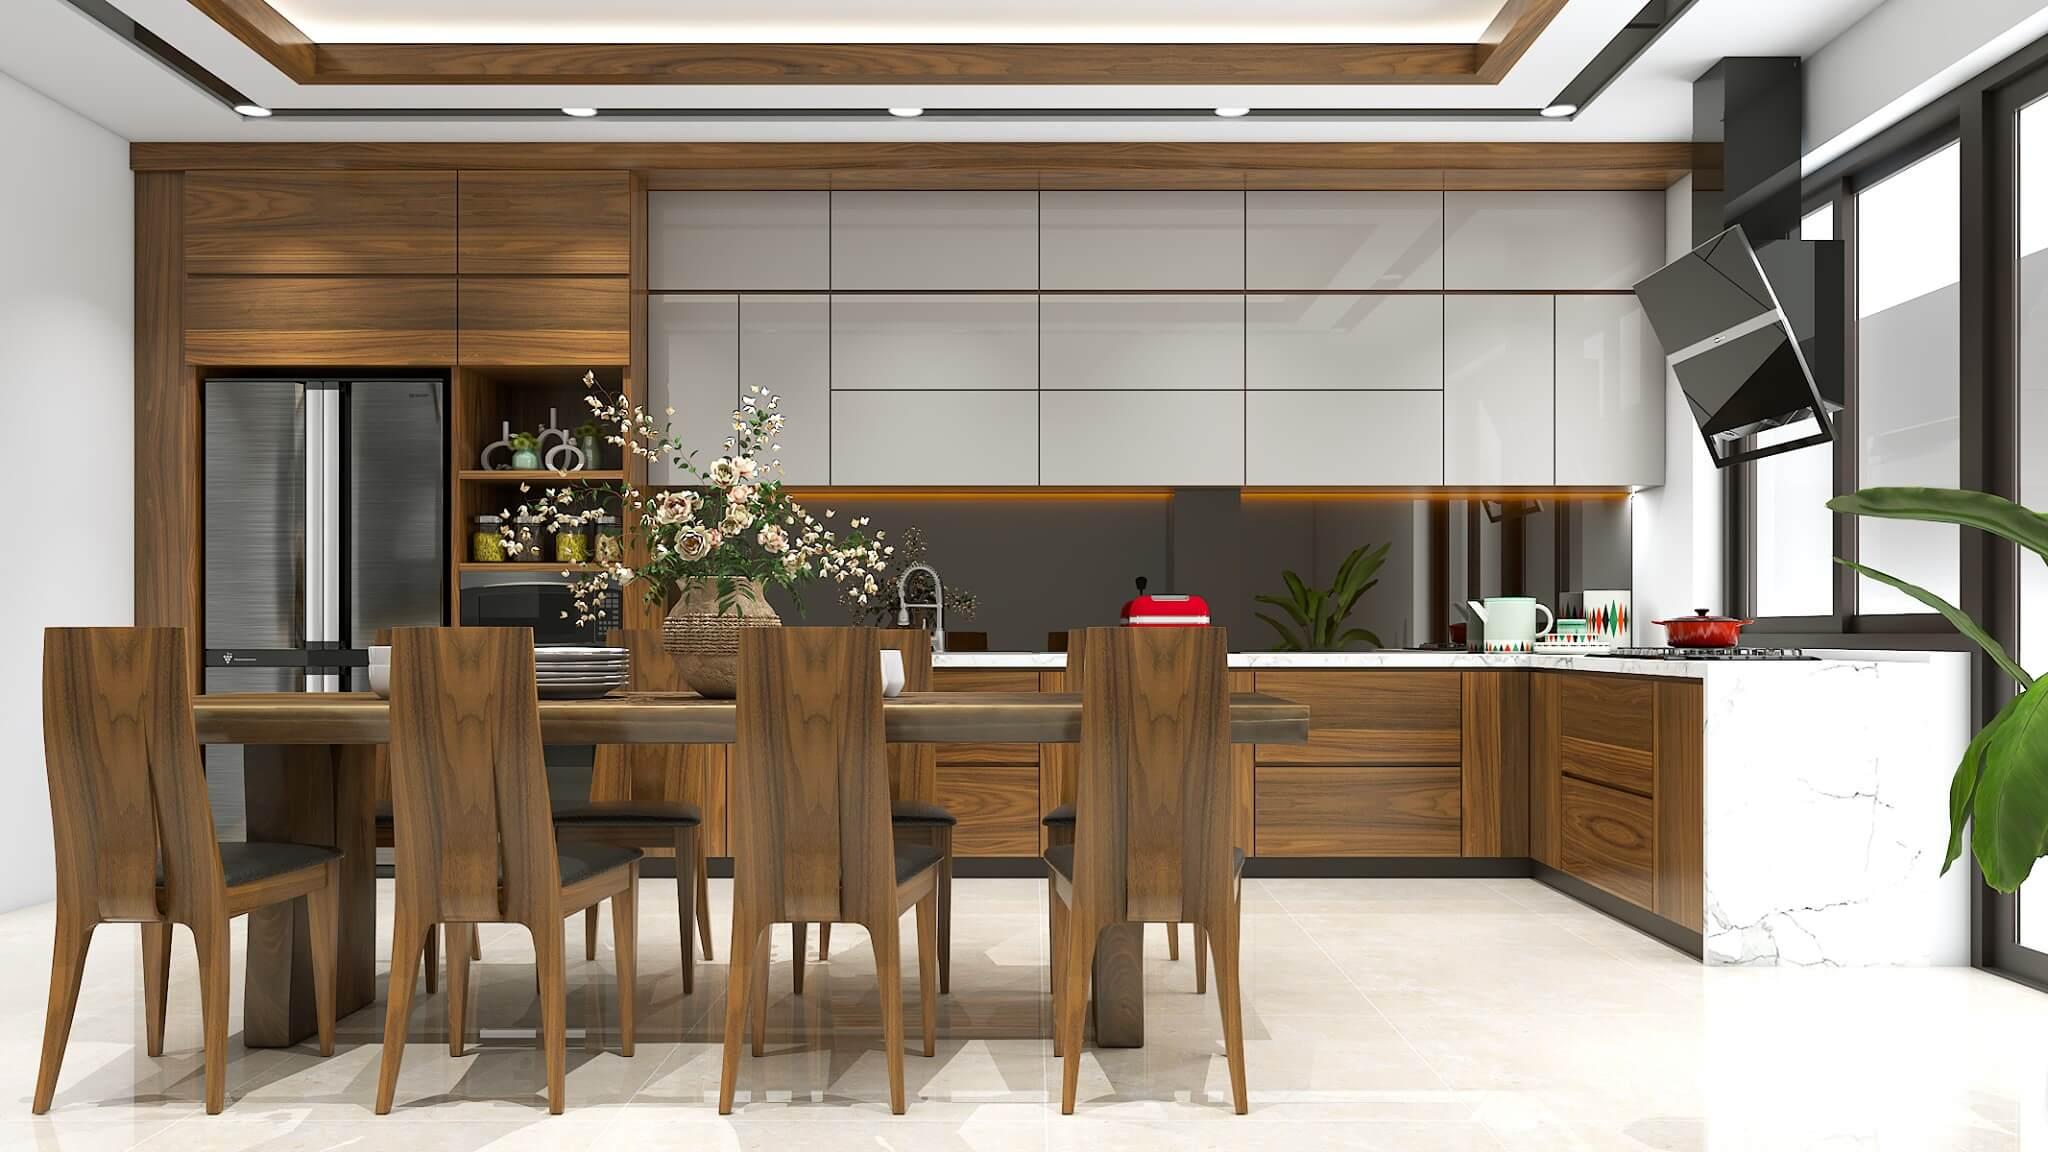 Không gian bếp được bố trí gọn gàng, tận dụng hết công năng